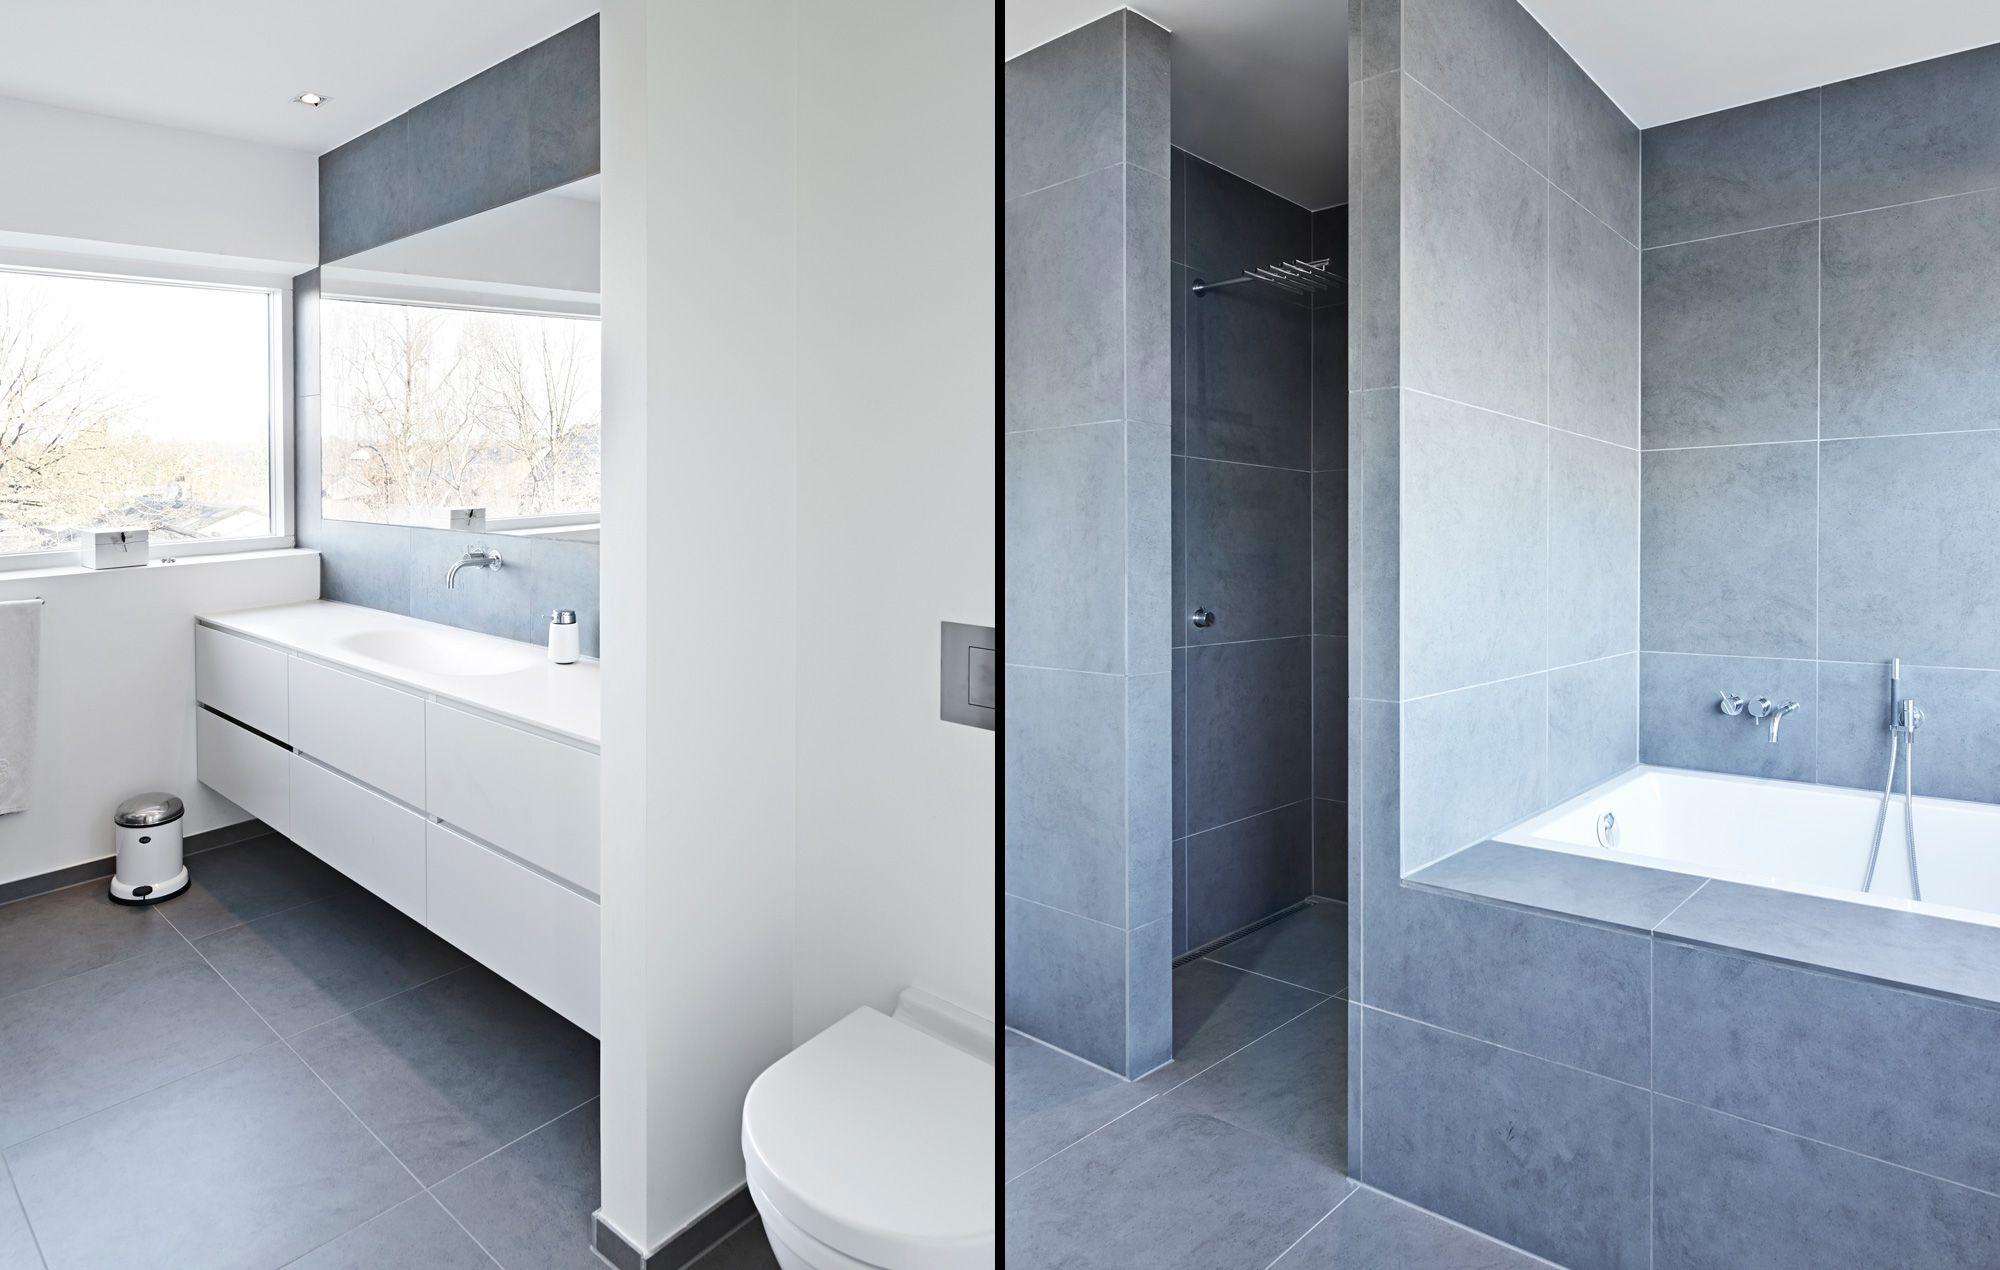 indbygget badekar Indbygget badekar inspiration | Rebero | Pinterest | Bathroom  indbygget badekar